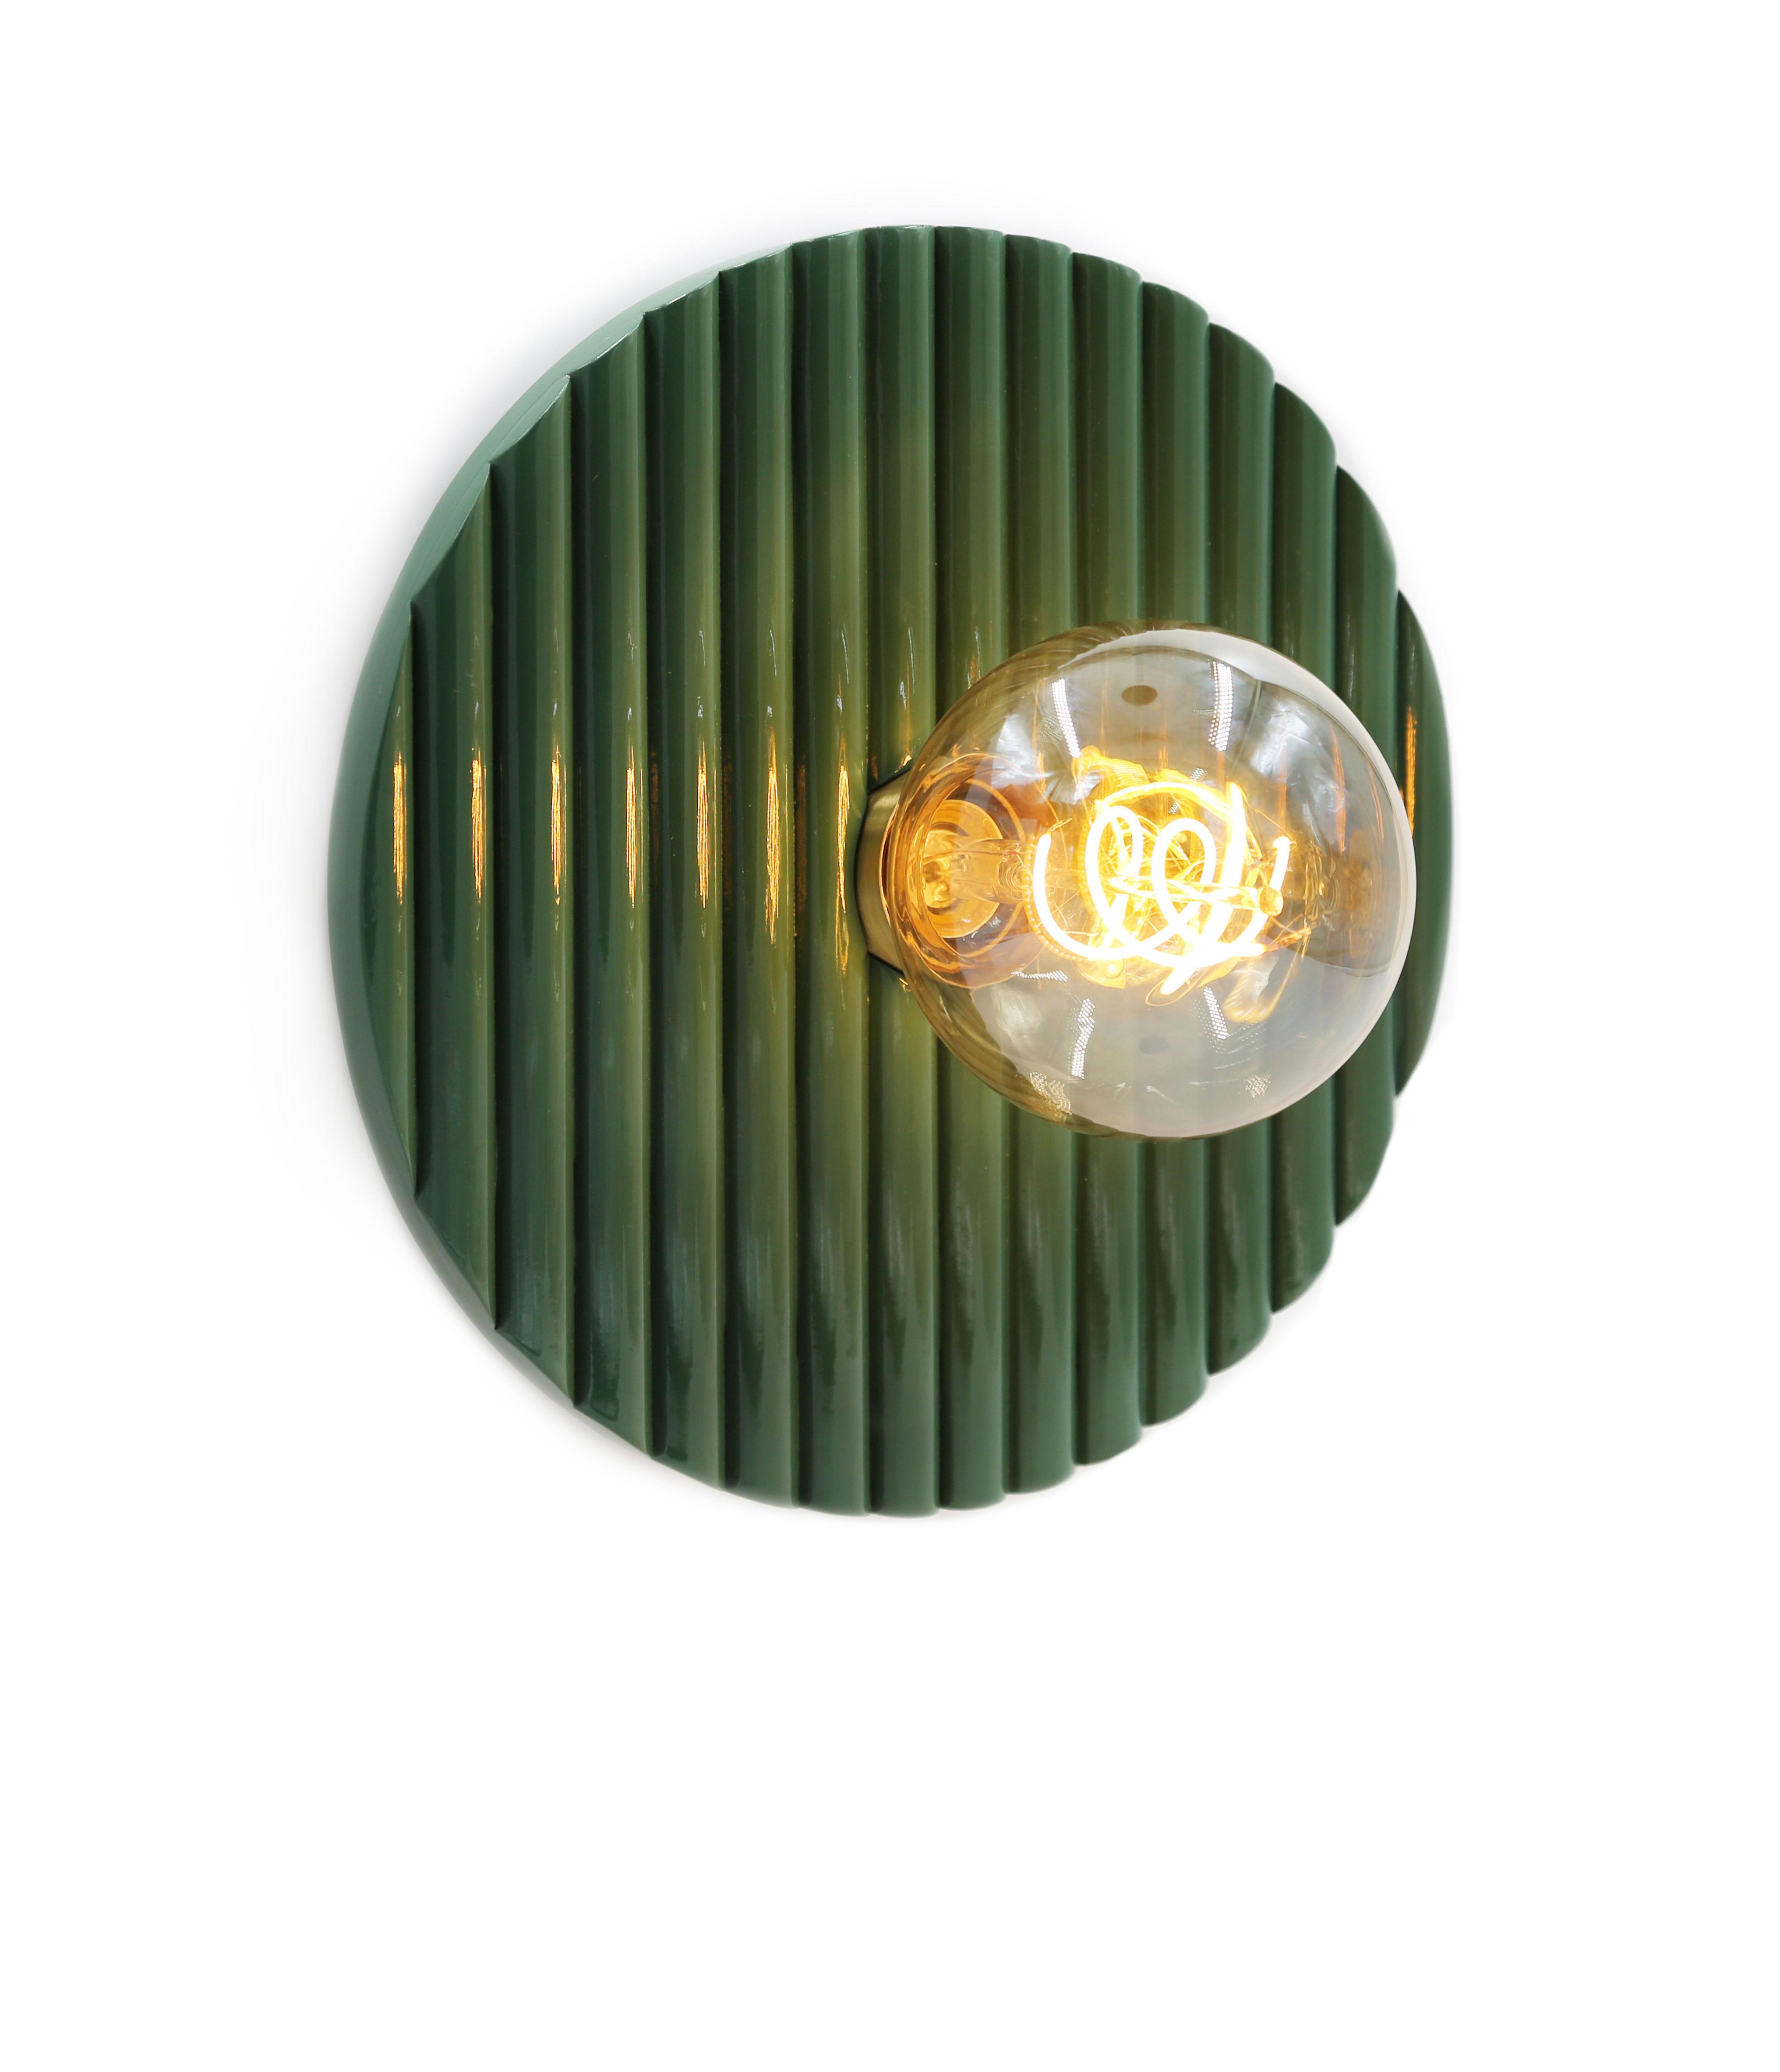 Luminaire - Appliques - Applique Riviera / Bois - Ø 25 cm - Maison Sarah Lavoine - Vert - Rotin laqué